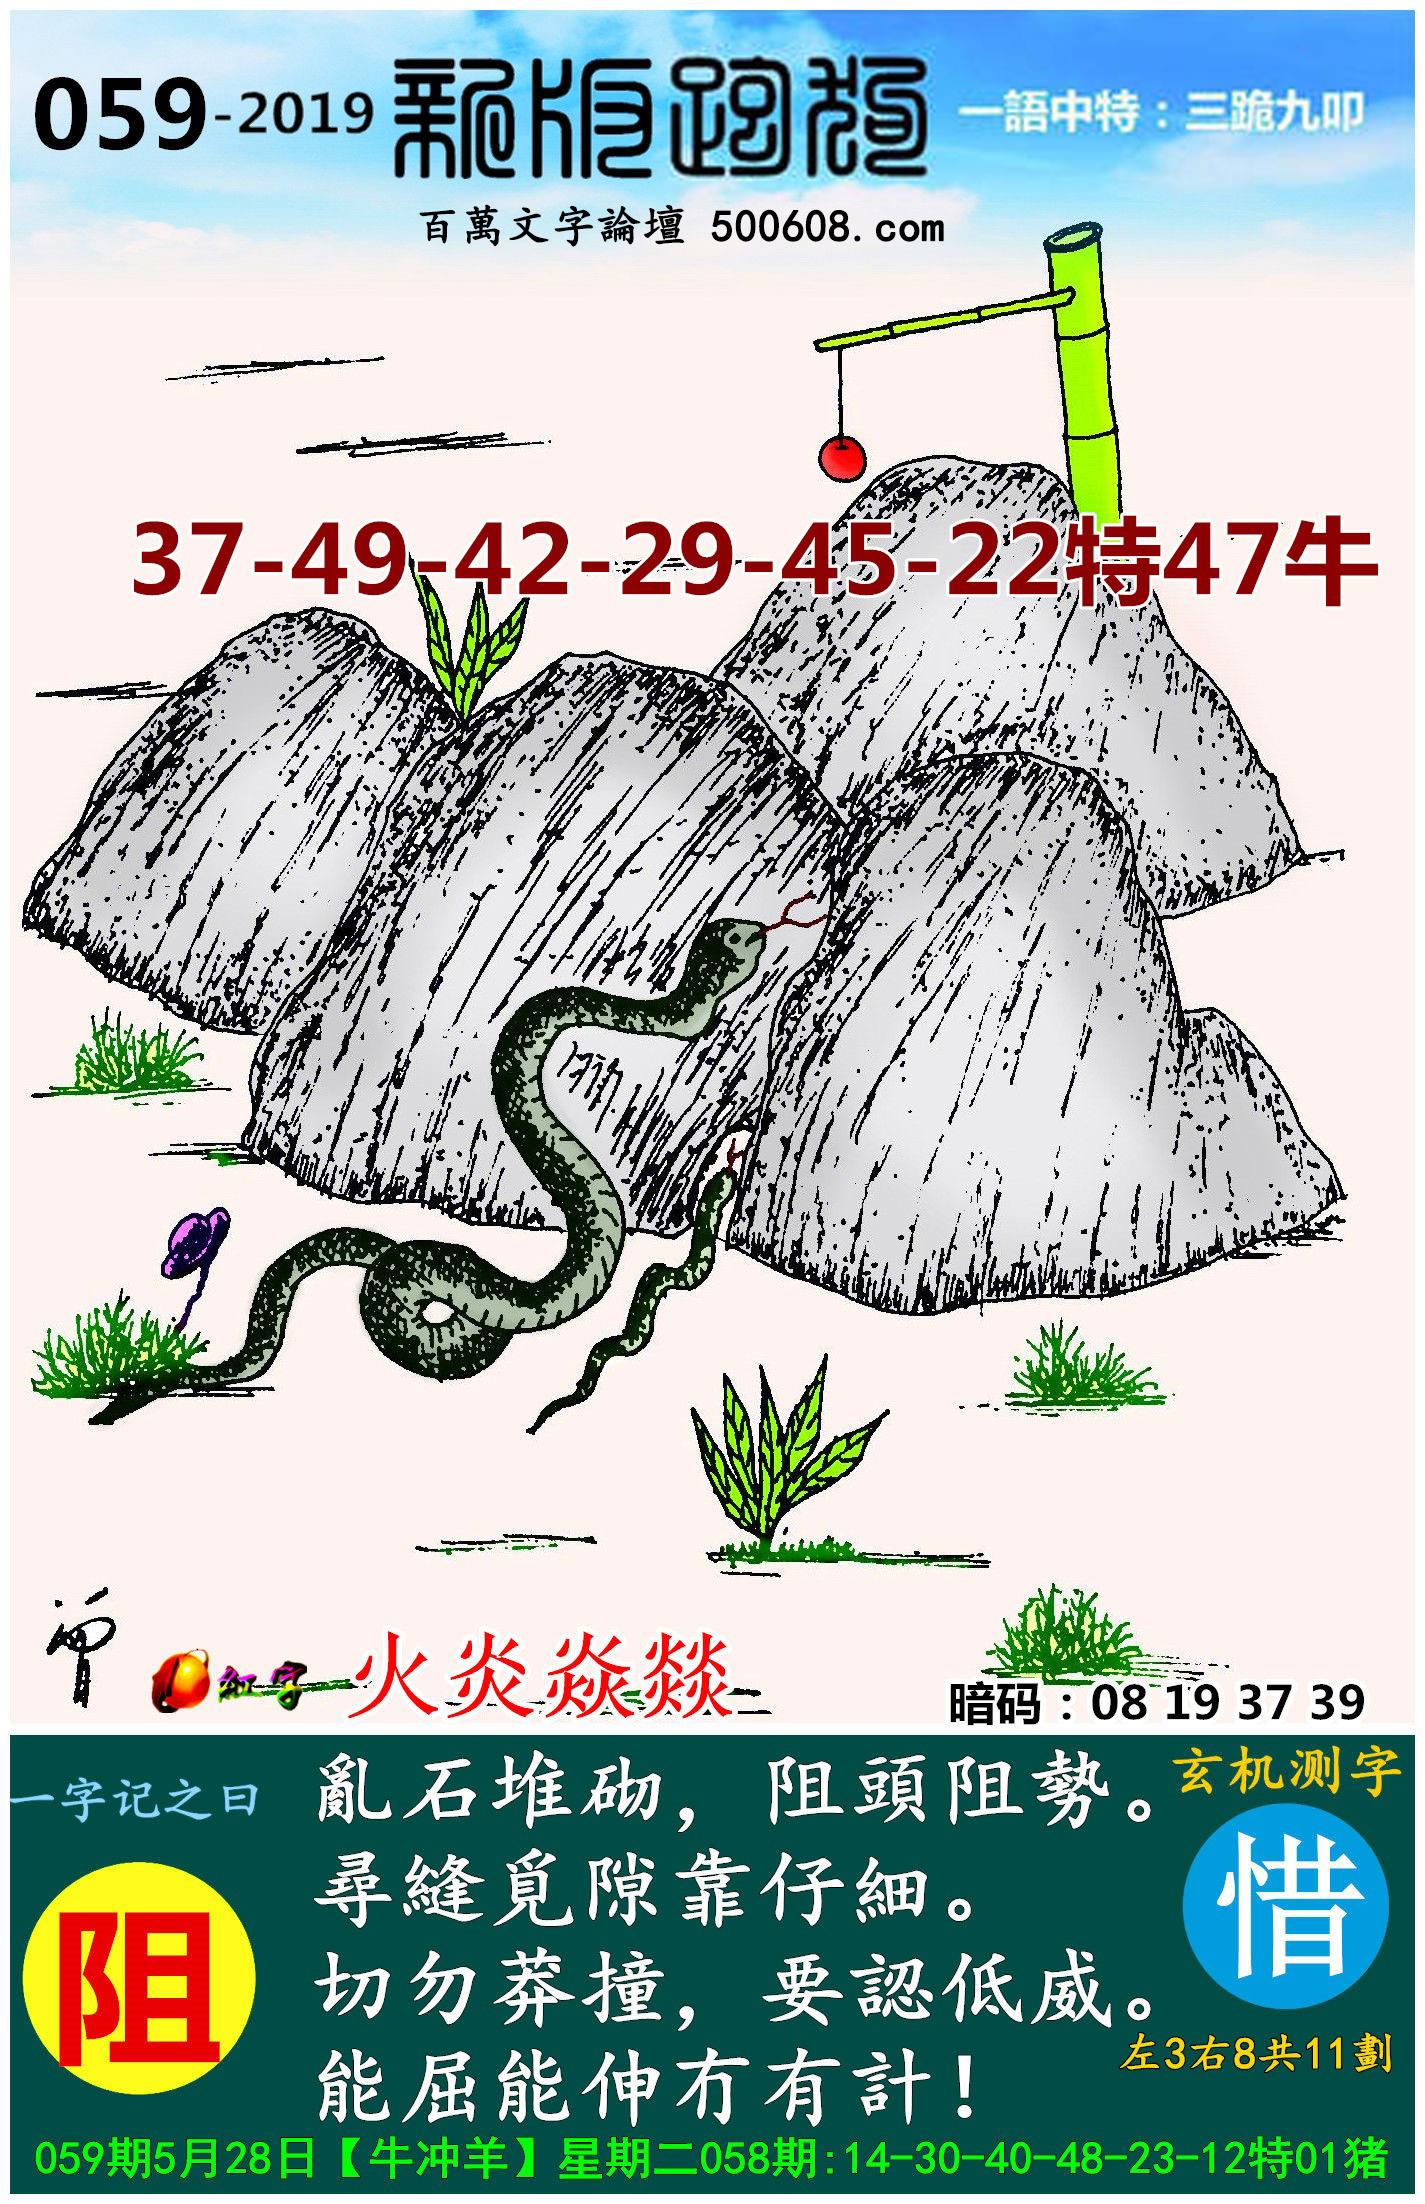 030期跑狗一字�之曰:【阻】_�y石堆砌,阻�^阻�荩磺杏��y撞,要�J低威!